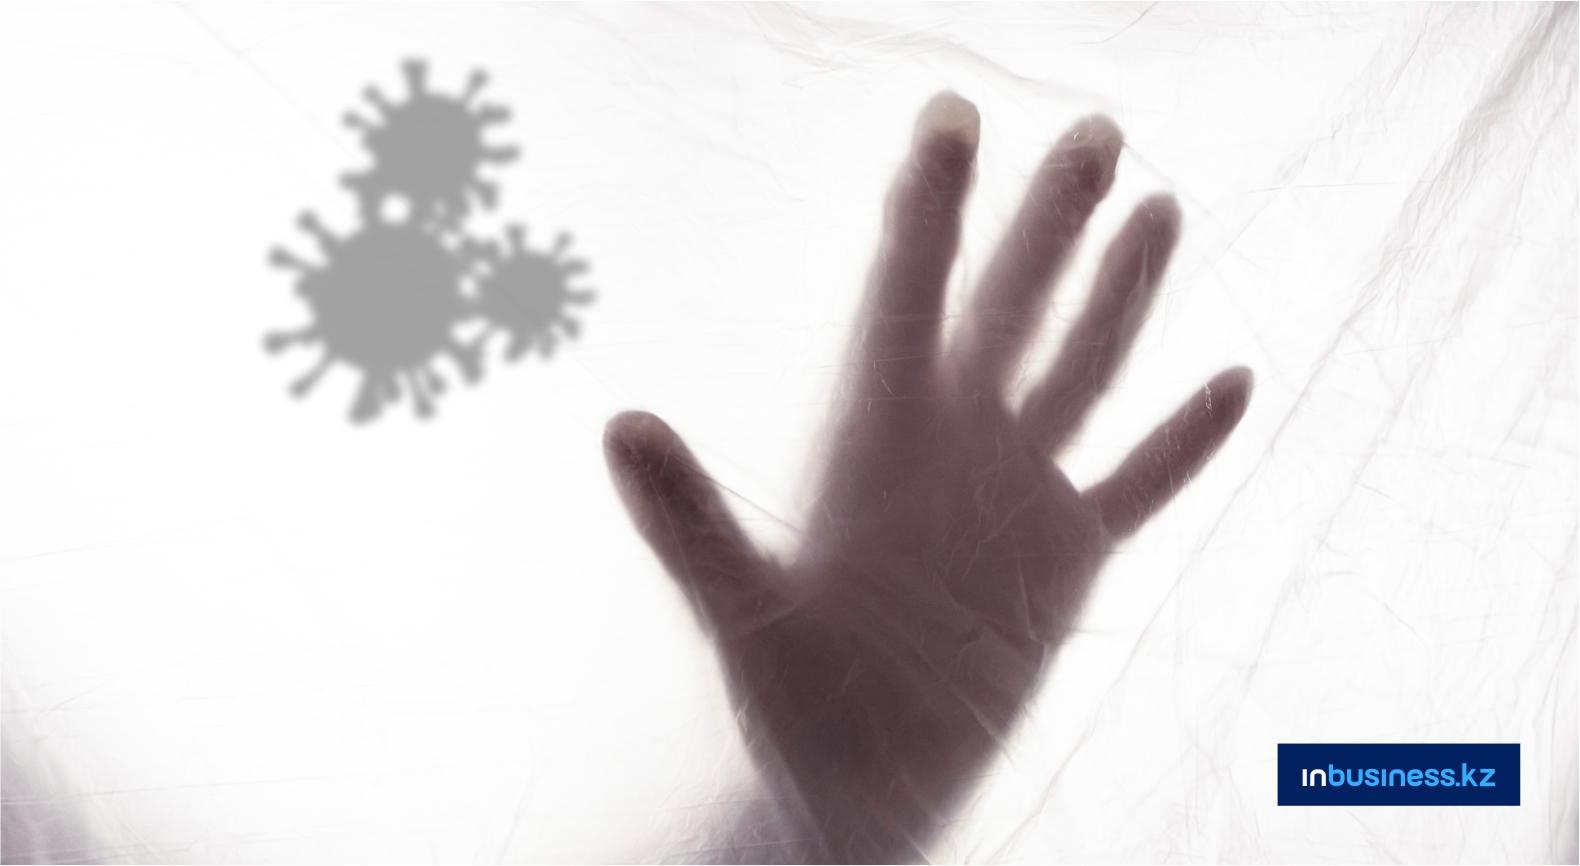 Во Франции зафиксирован рекордный за сутки прирост случаев коронавируса – почти 19 тысяч